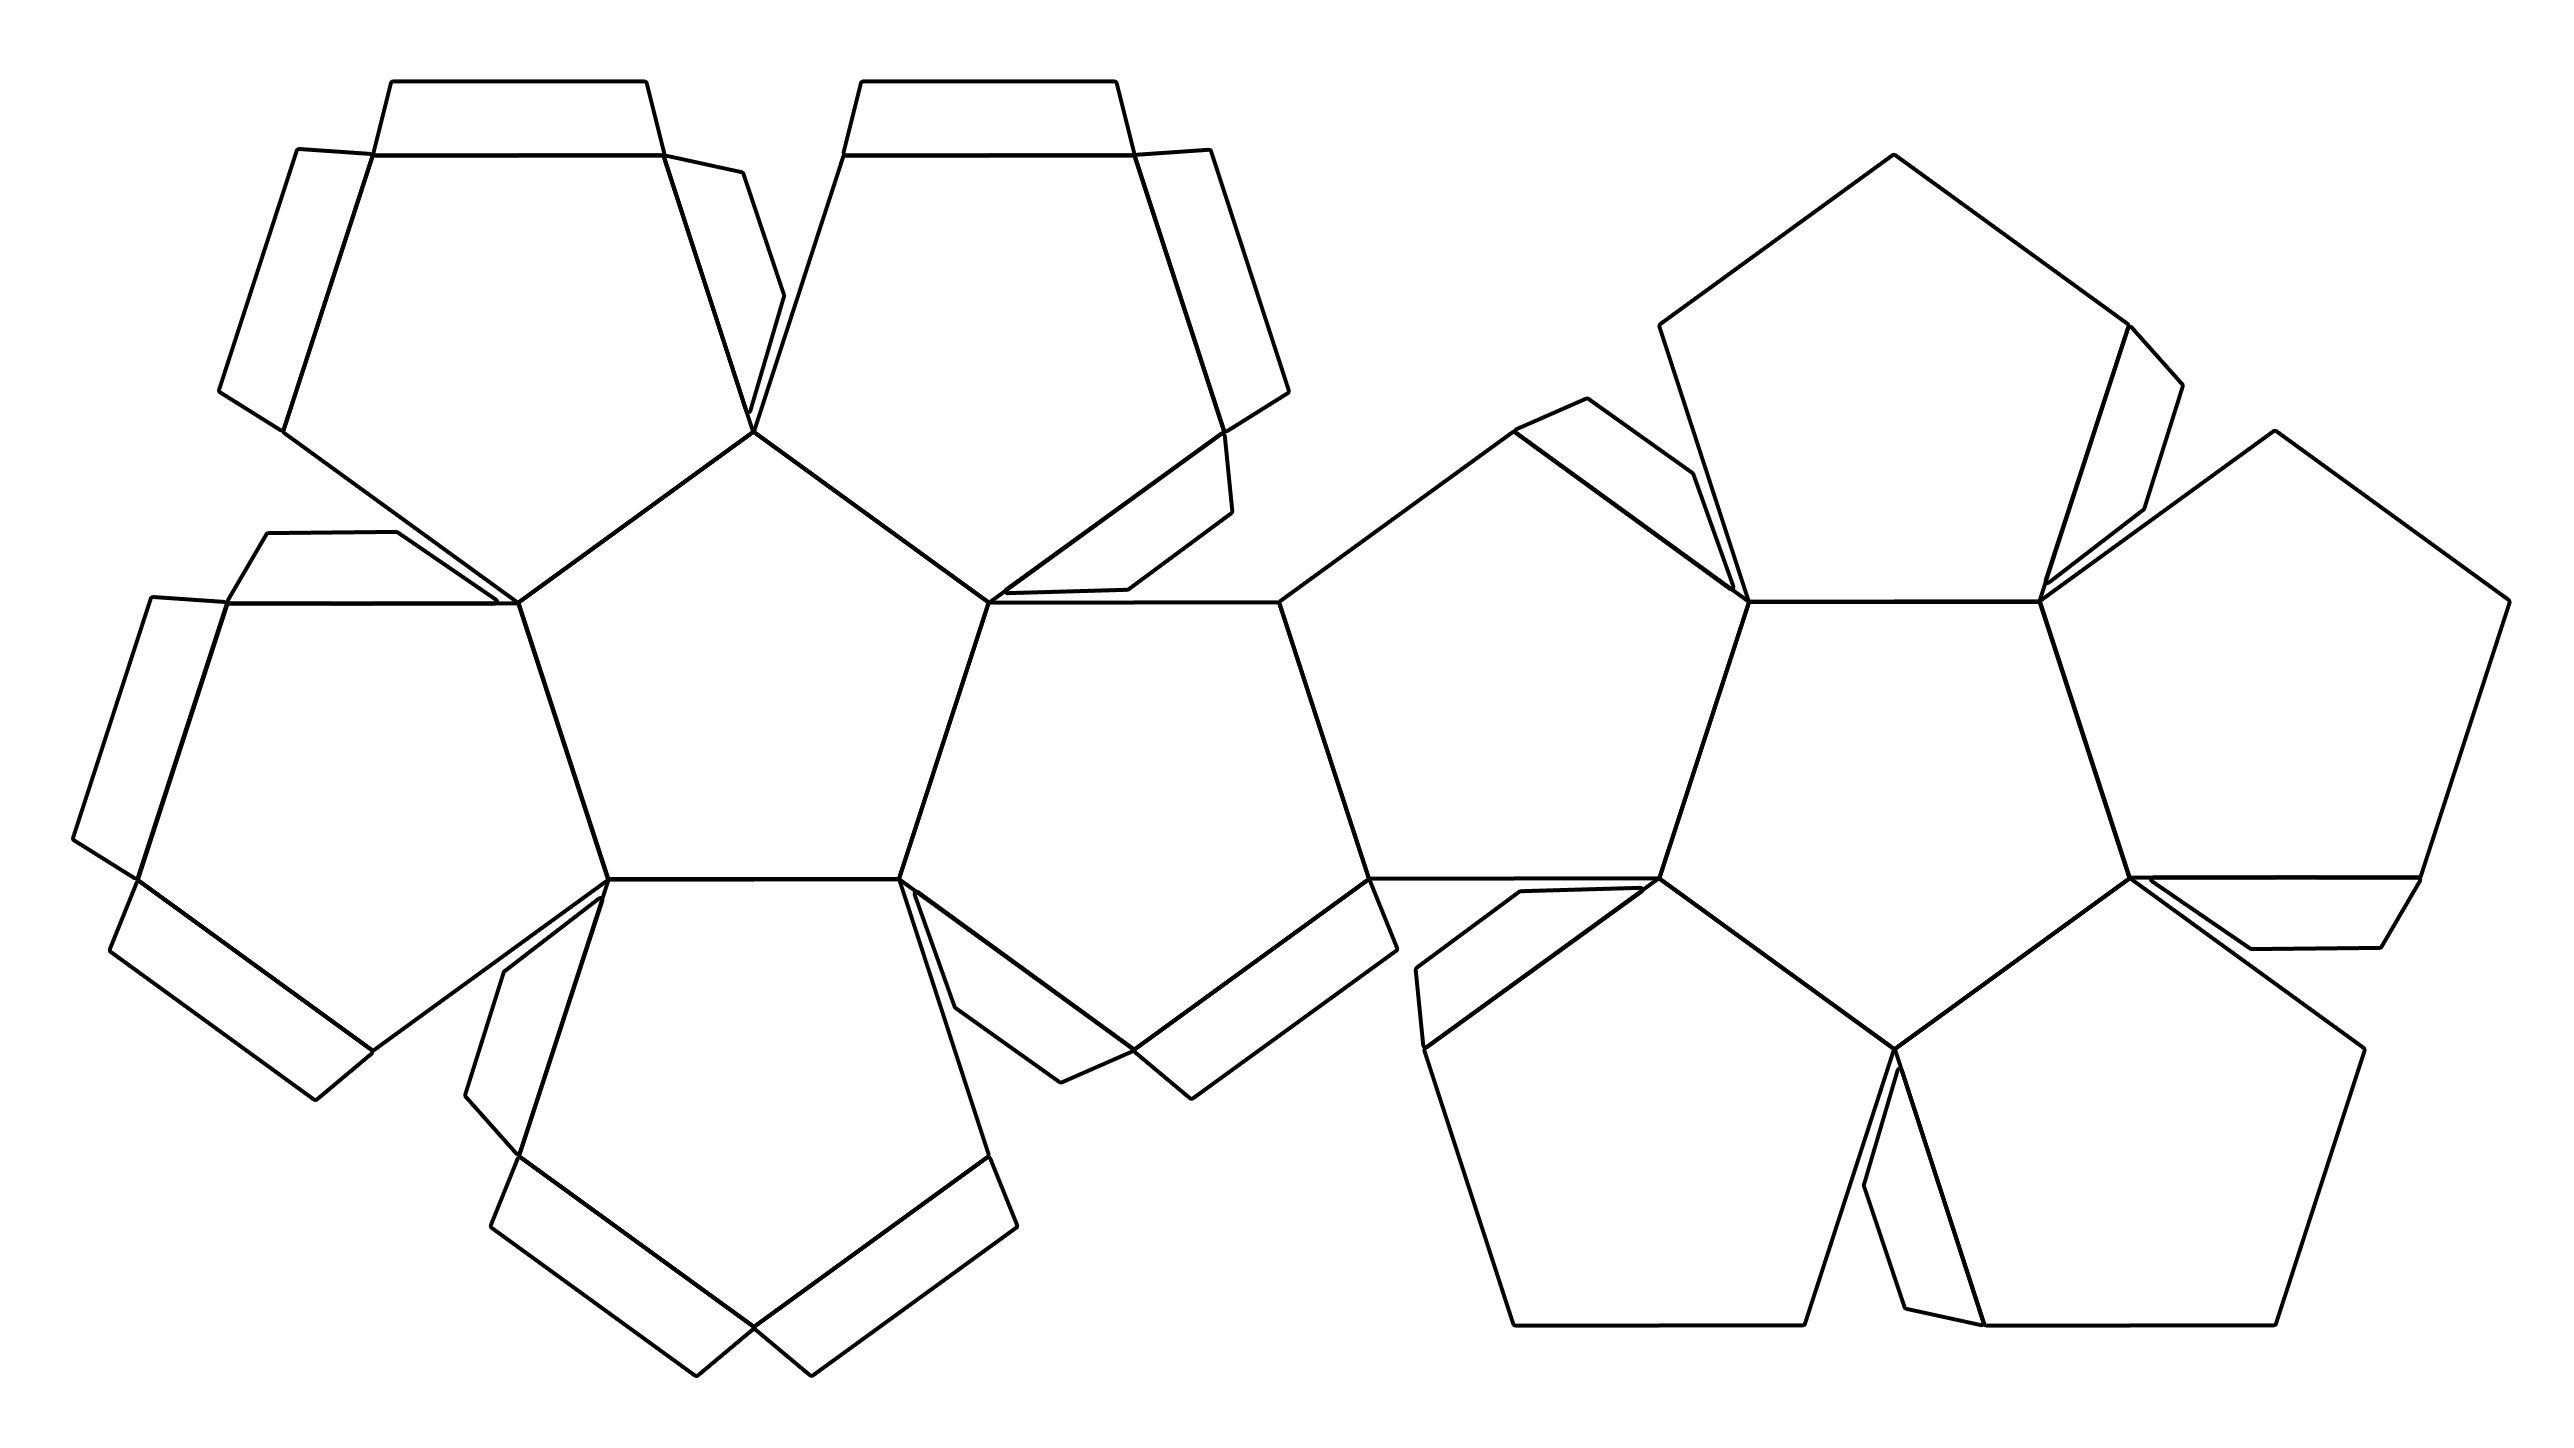 net diagrams of 3d shapes simple am receiver circuit diagram original file 2574 1448 pixels size 496 kb mime type